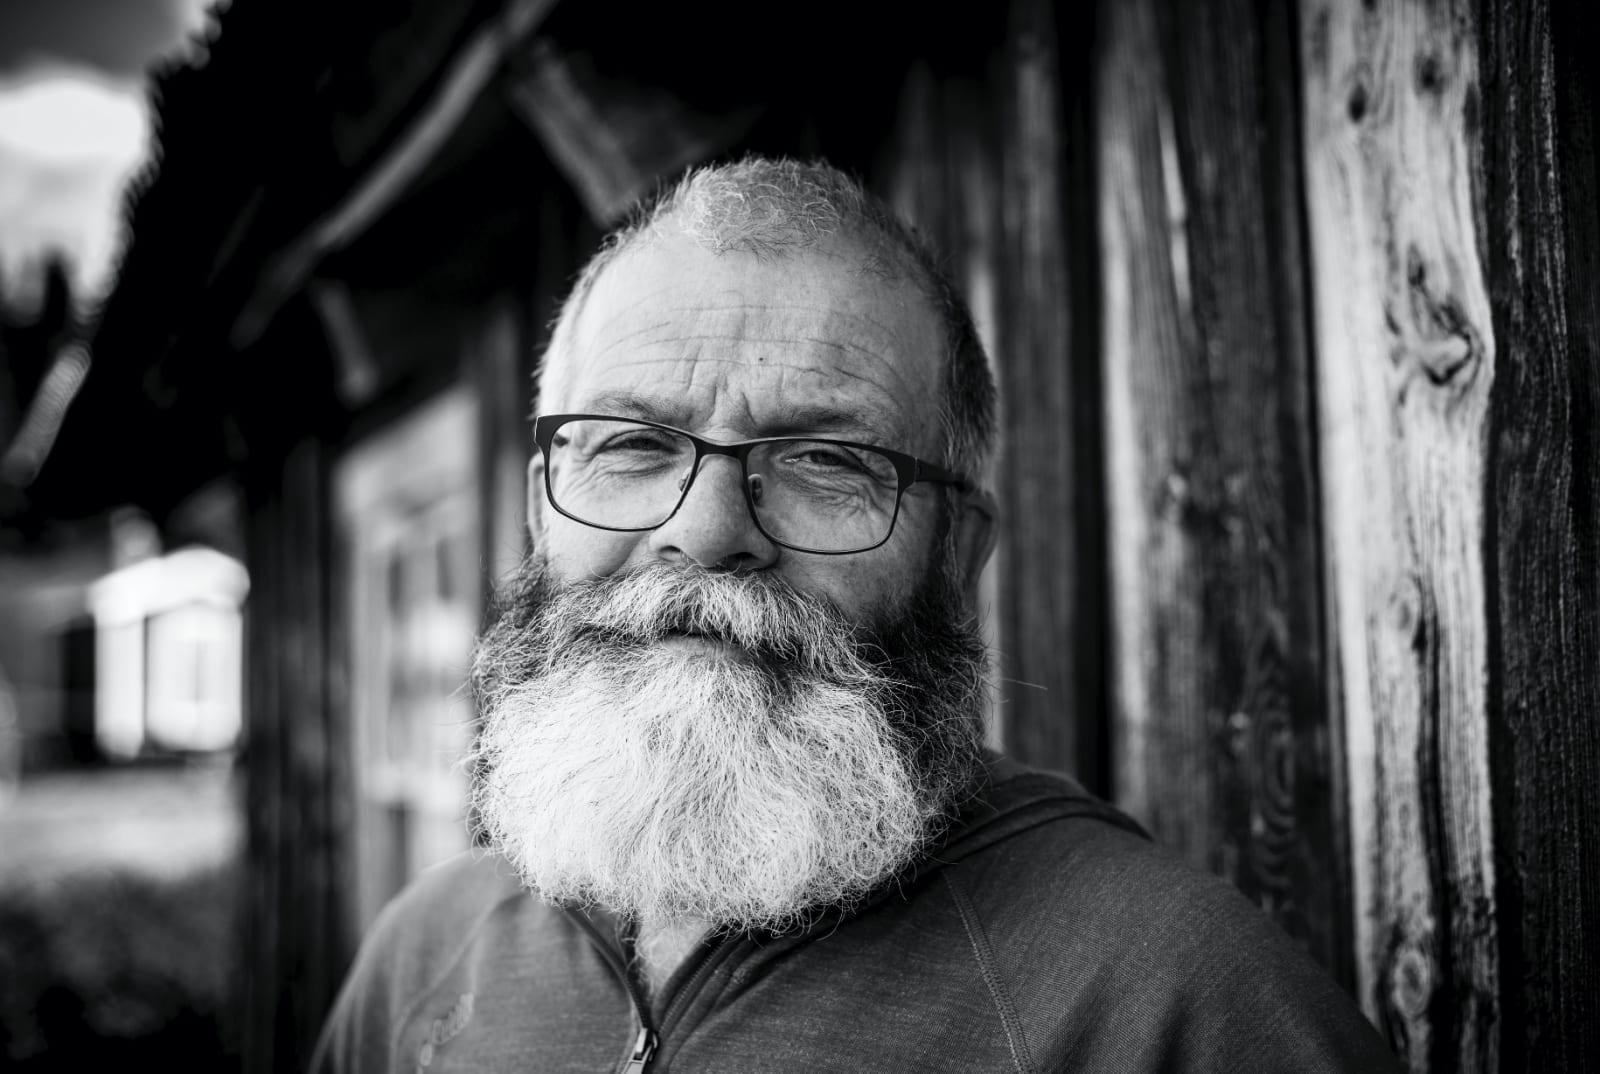 DREVEN: Sigmund Tveitehagen har jakta rein i 35 år, og er klar på at dyrevelferd må komme først. Foto: Caroline Utti / Hallingdølen